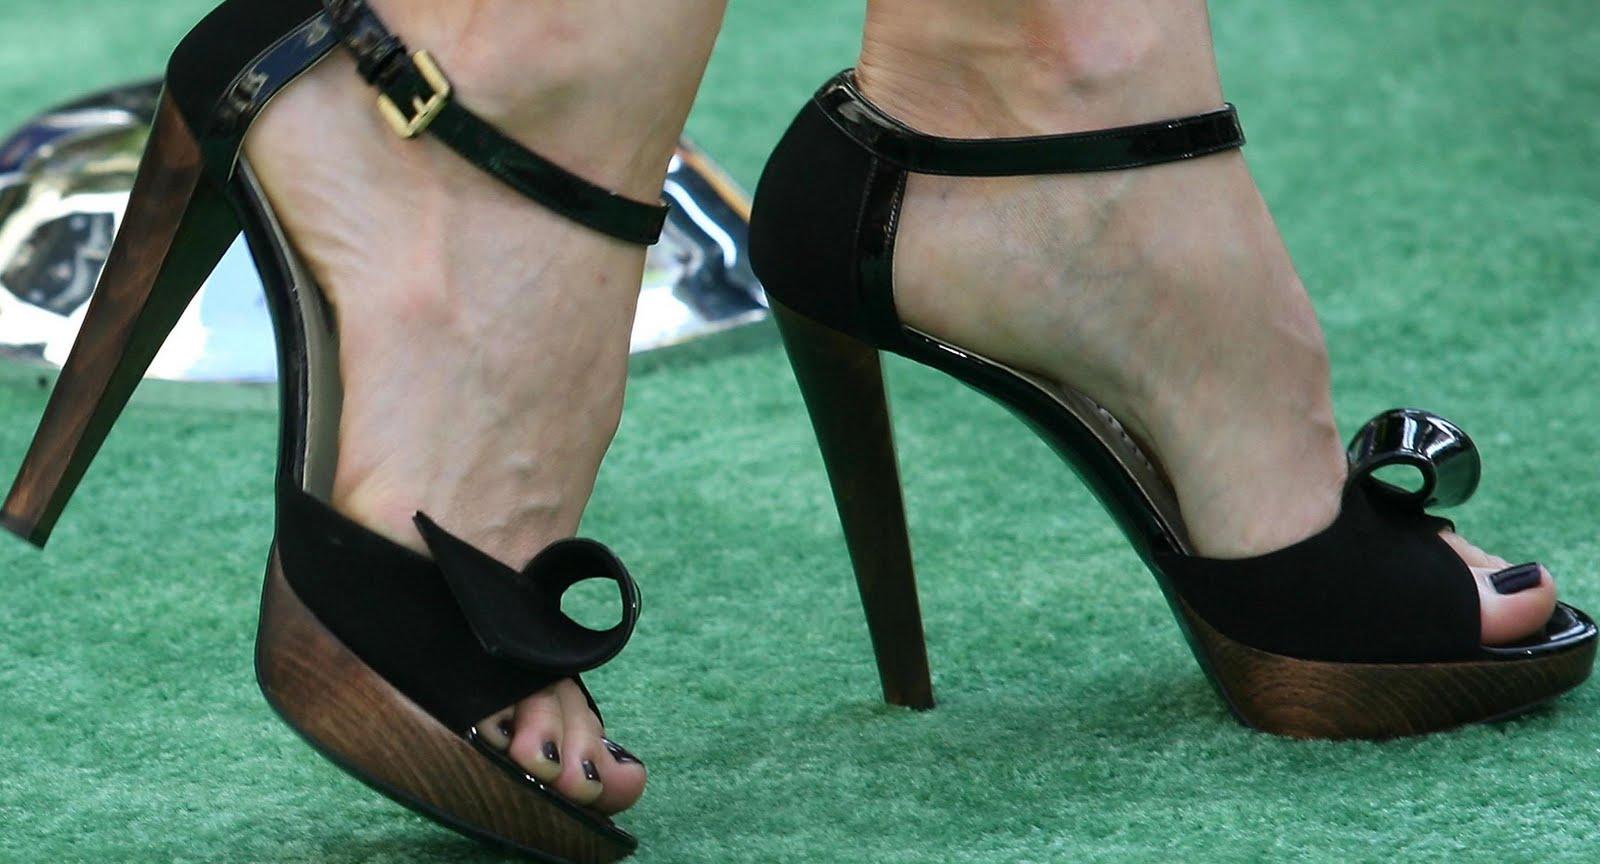 http://3.bp.blogspot.com/_UaLWp72nij4/S_g9E-351vI/AAAAAAAAMUU/VEkjHngBgMg/s1600/liv-tyler-feet-2.jpg